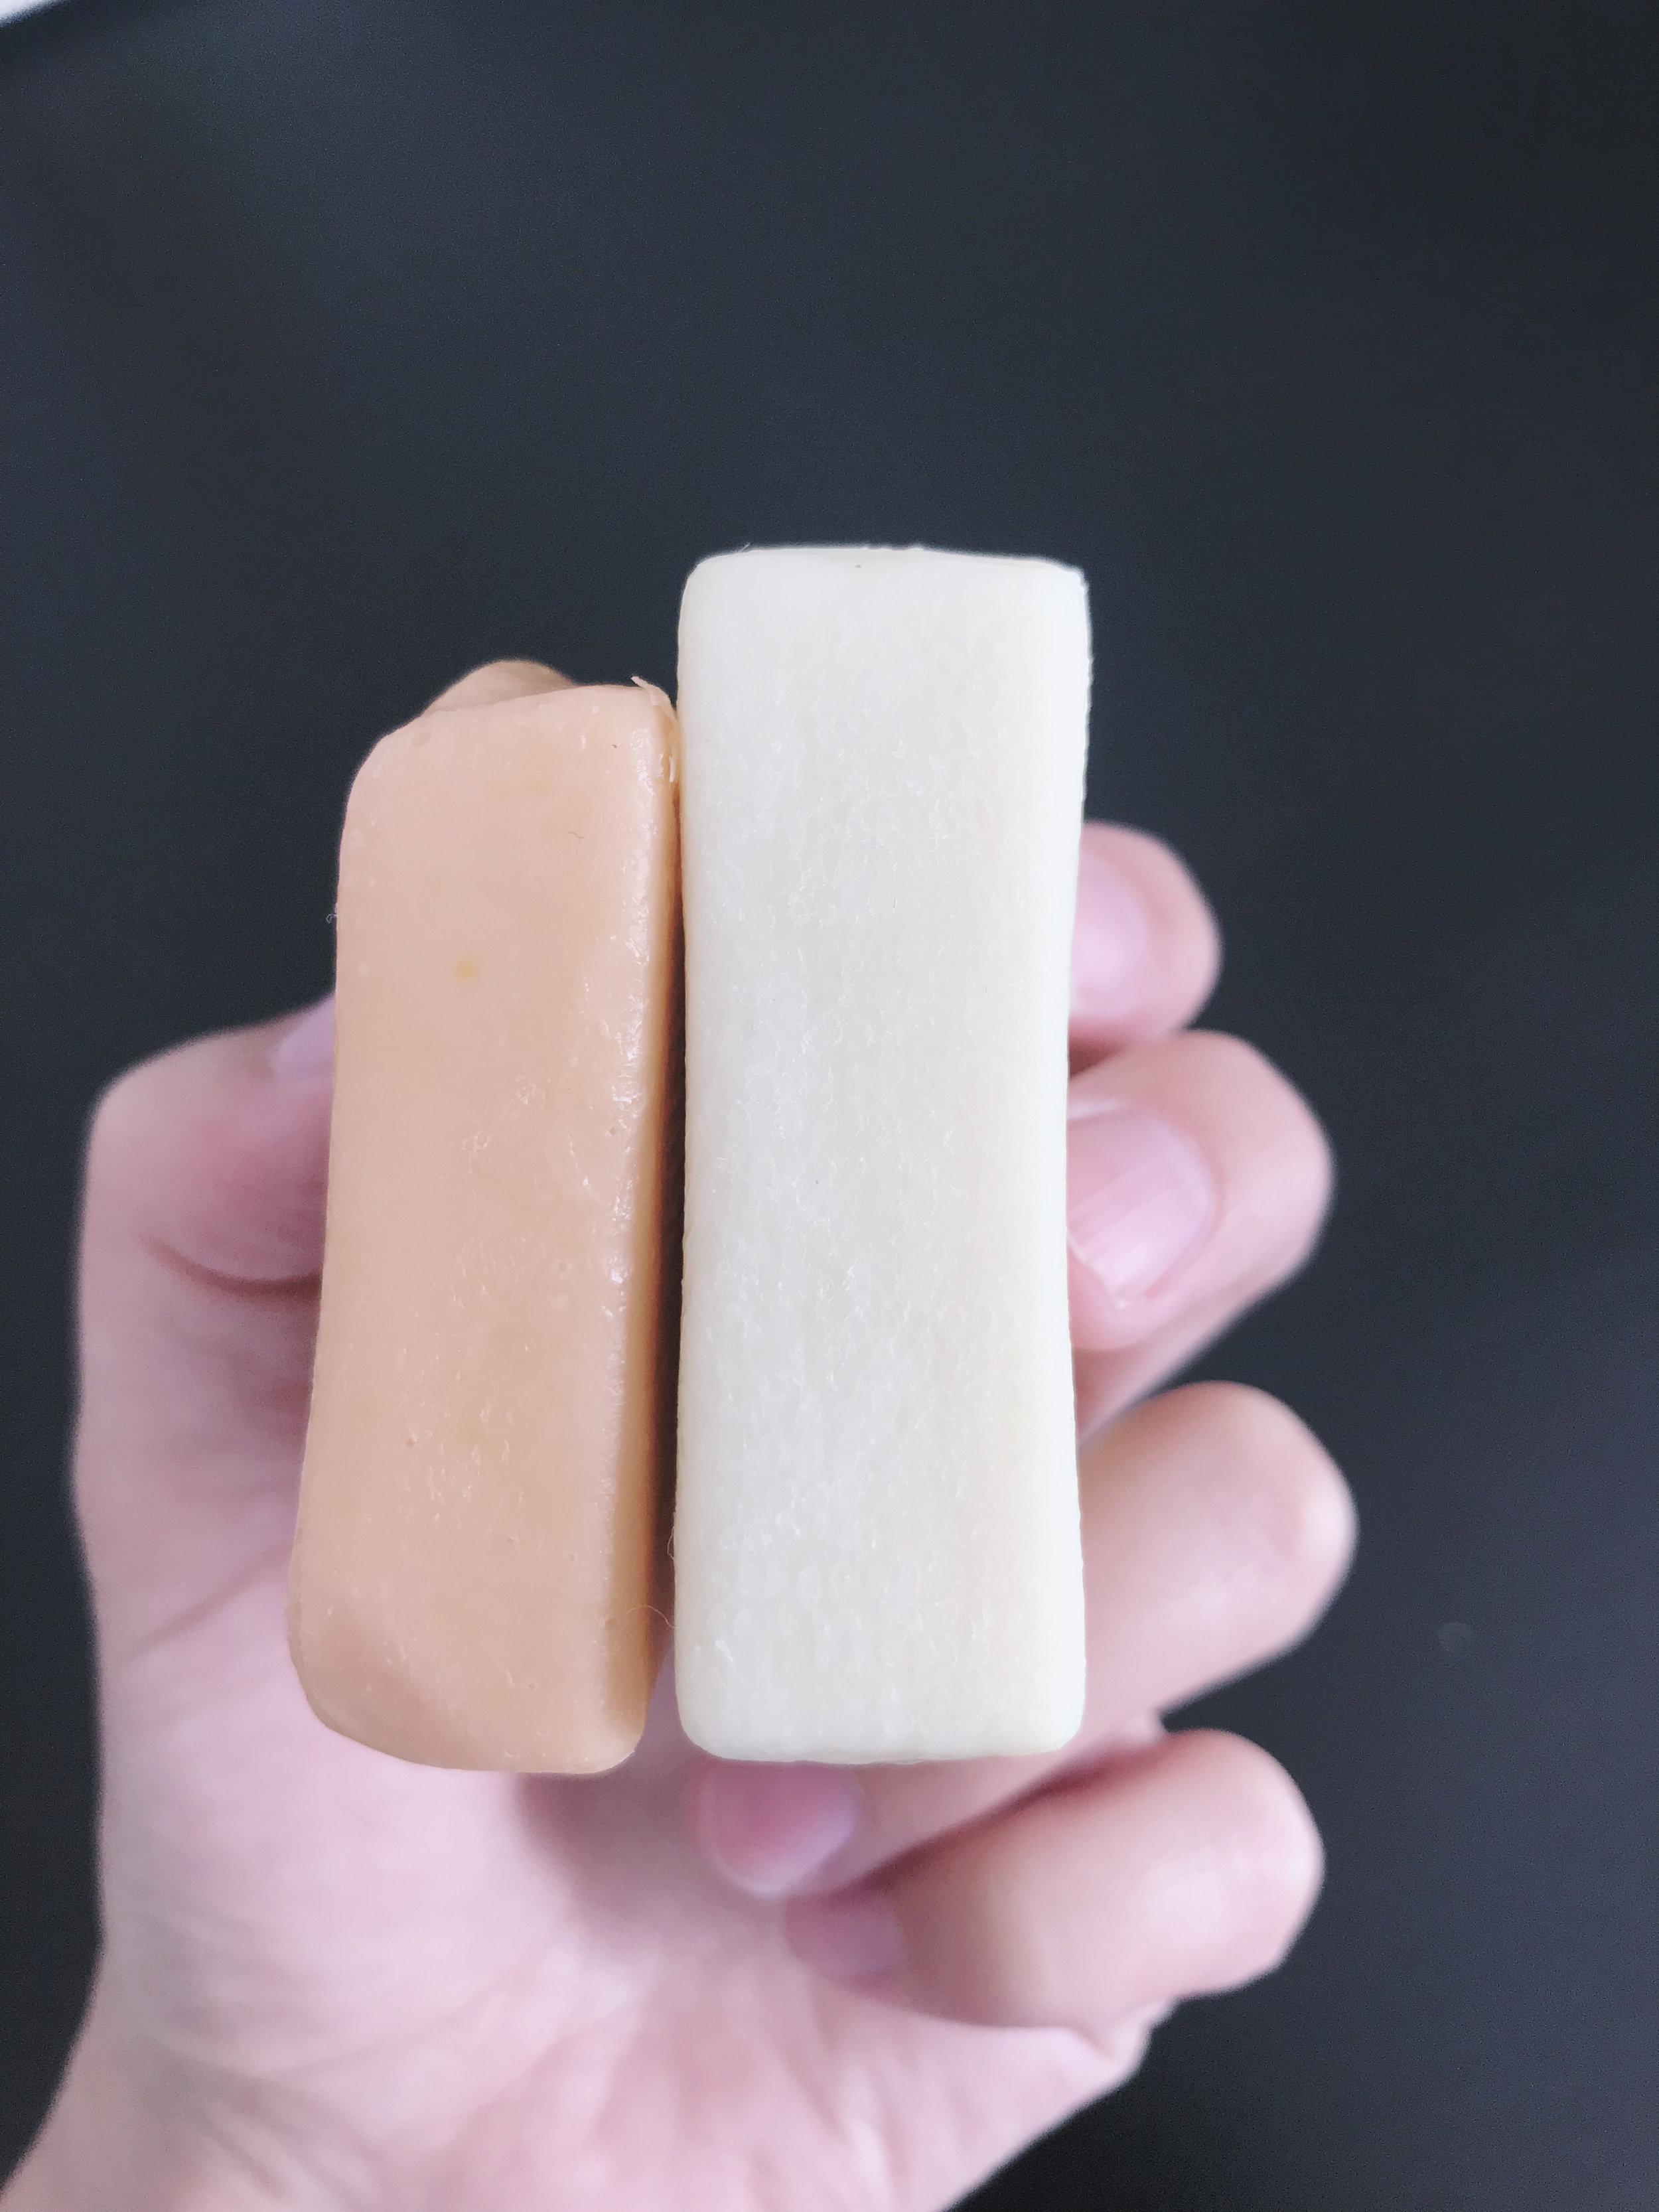 Différence entre les barres de savons quand celle pour le corps a fondu durant la nuit dans la douche